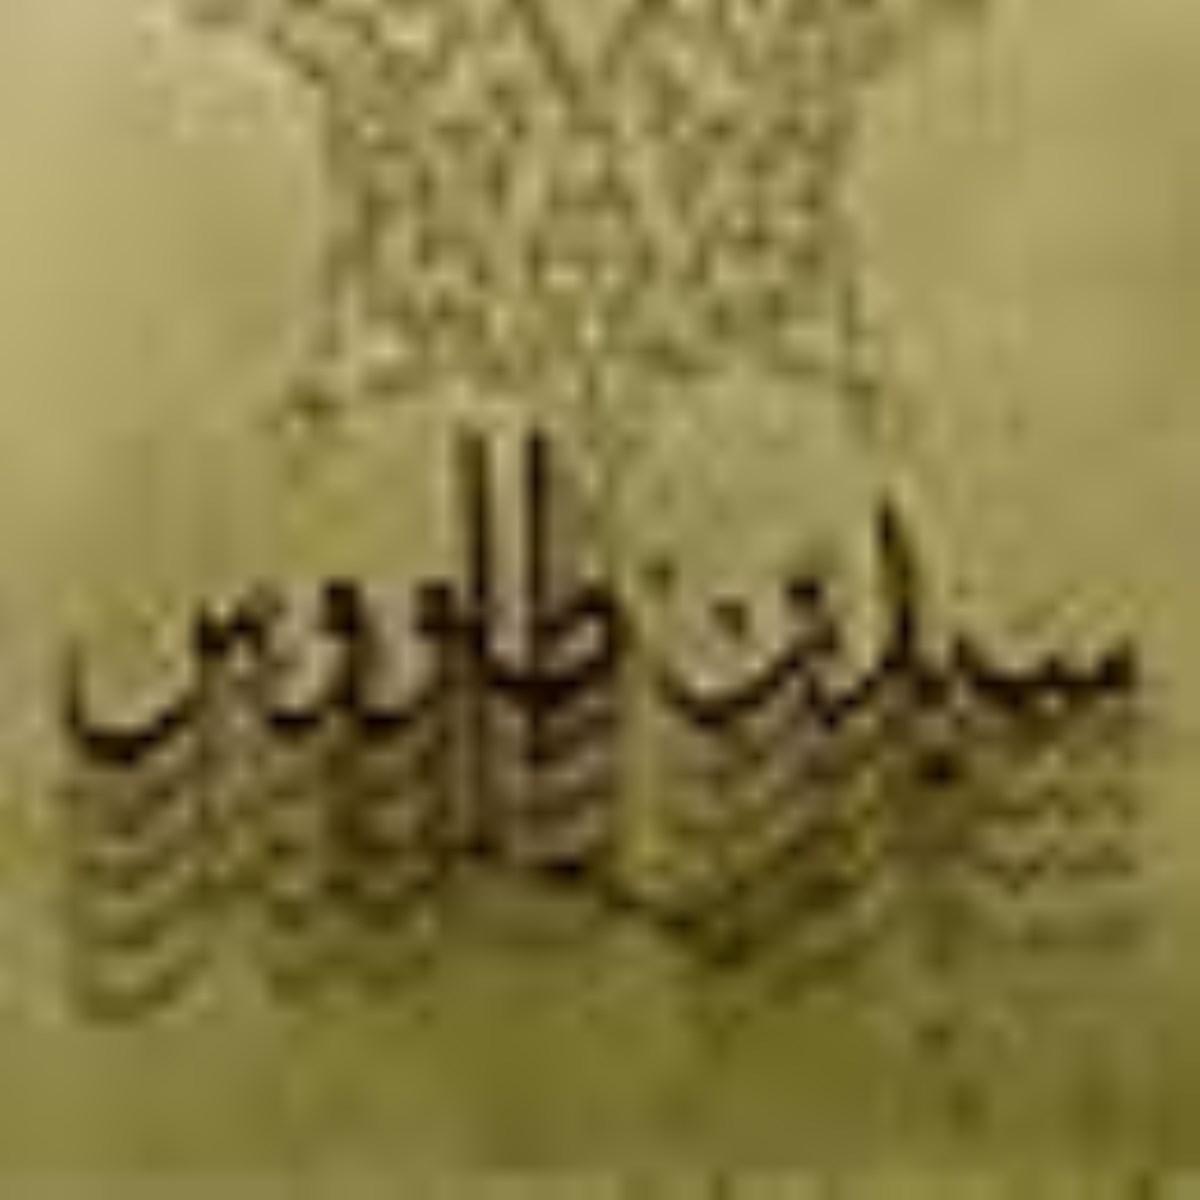 سید بن طاووس اعجوبه تشیع